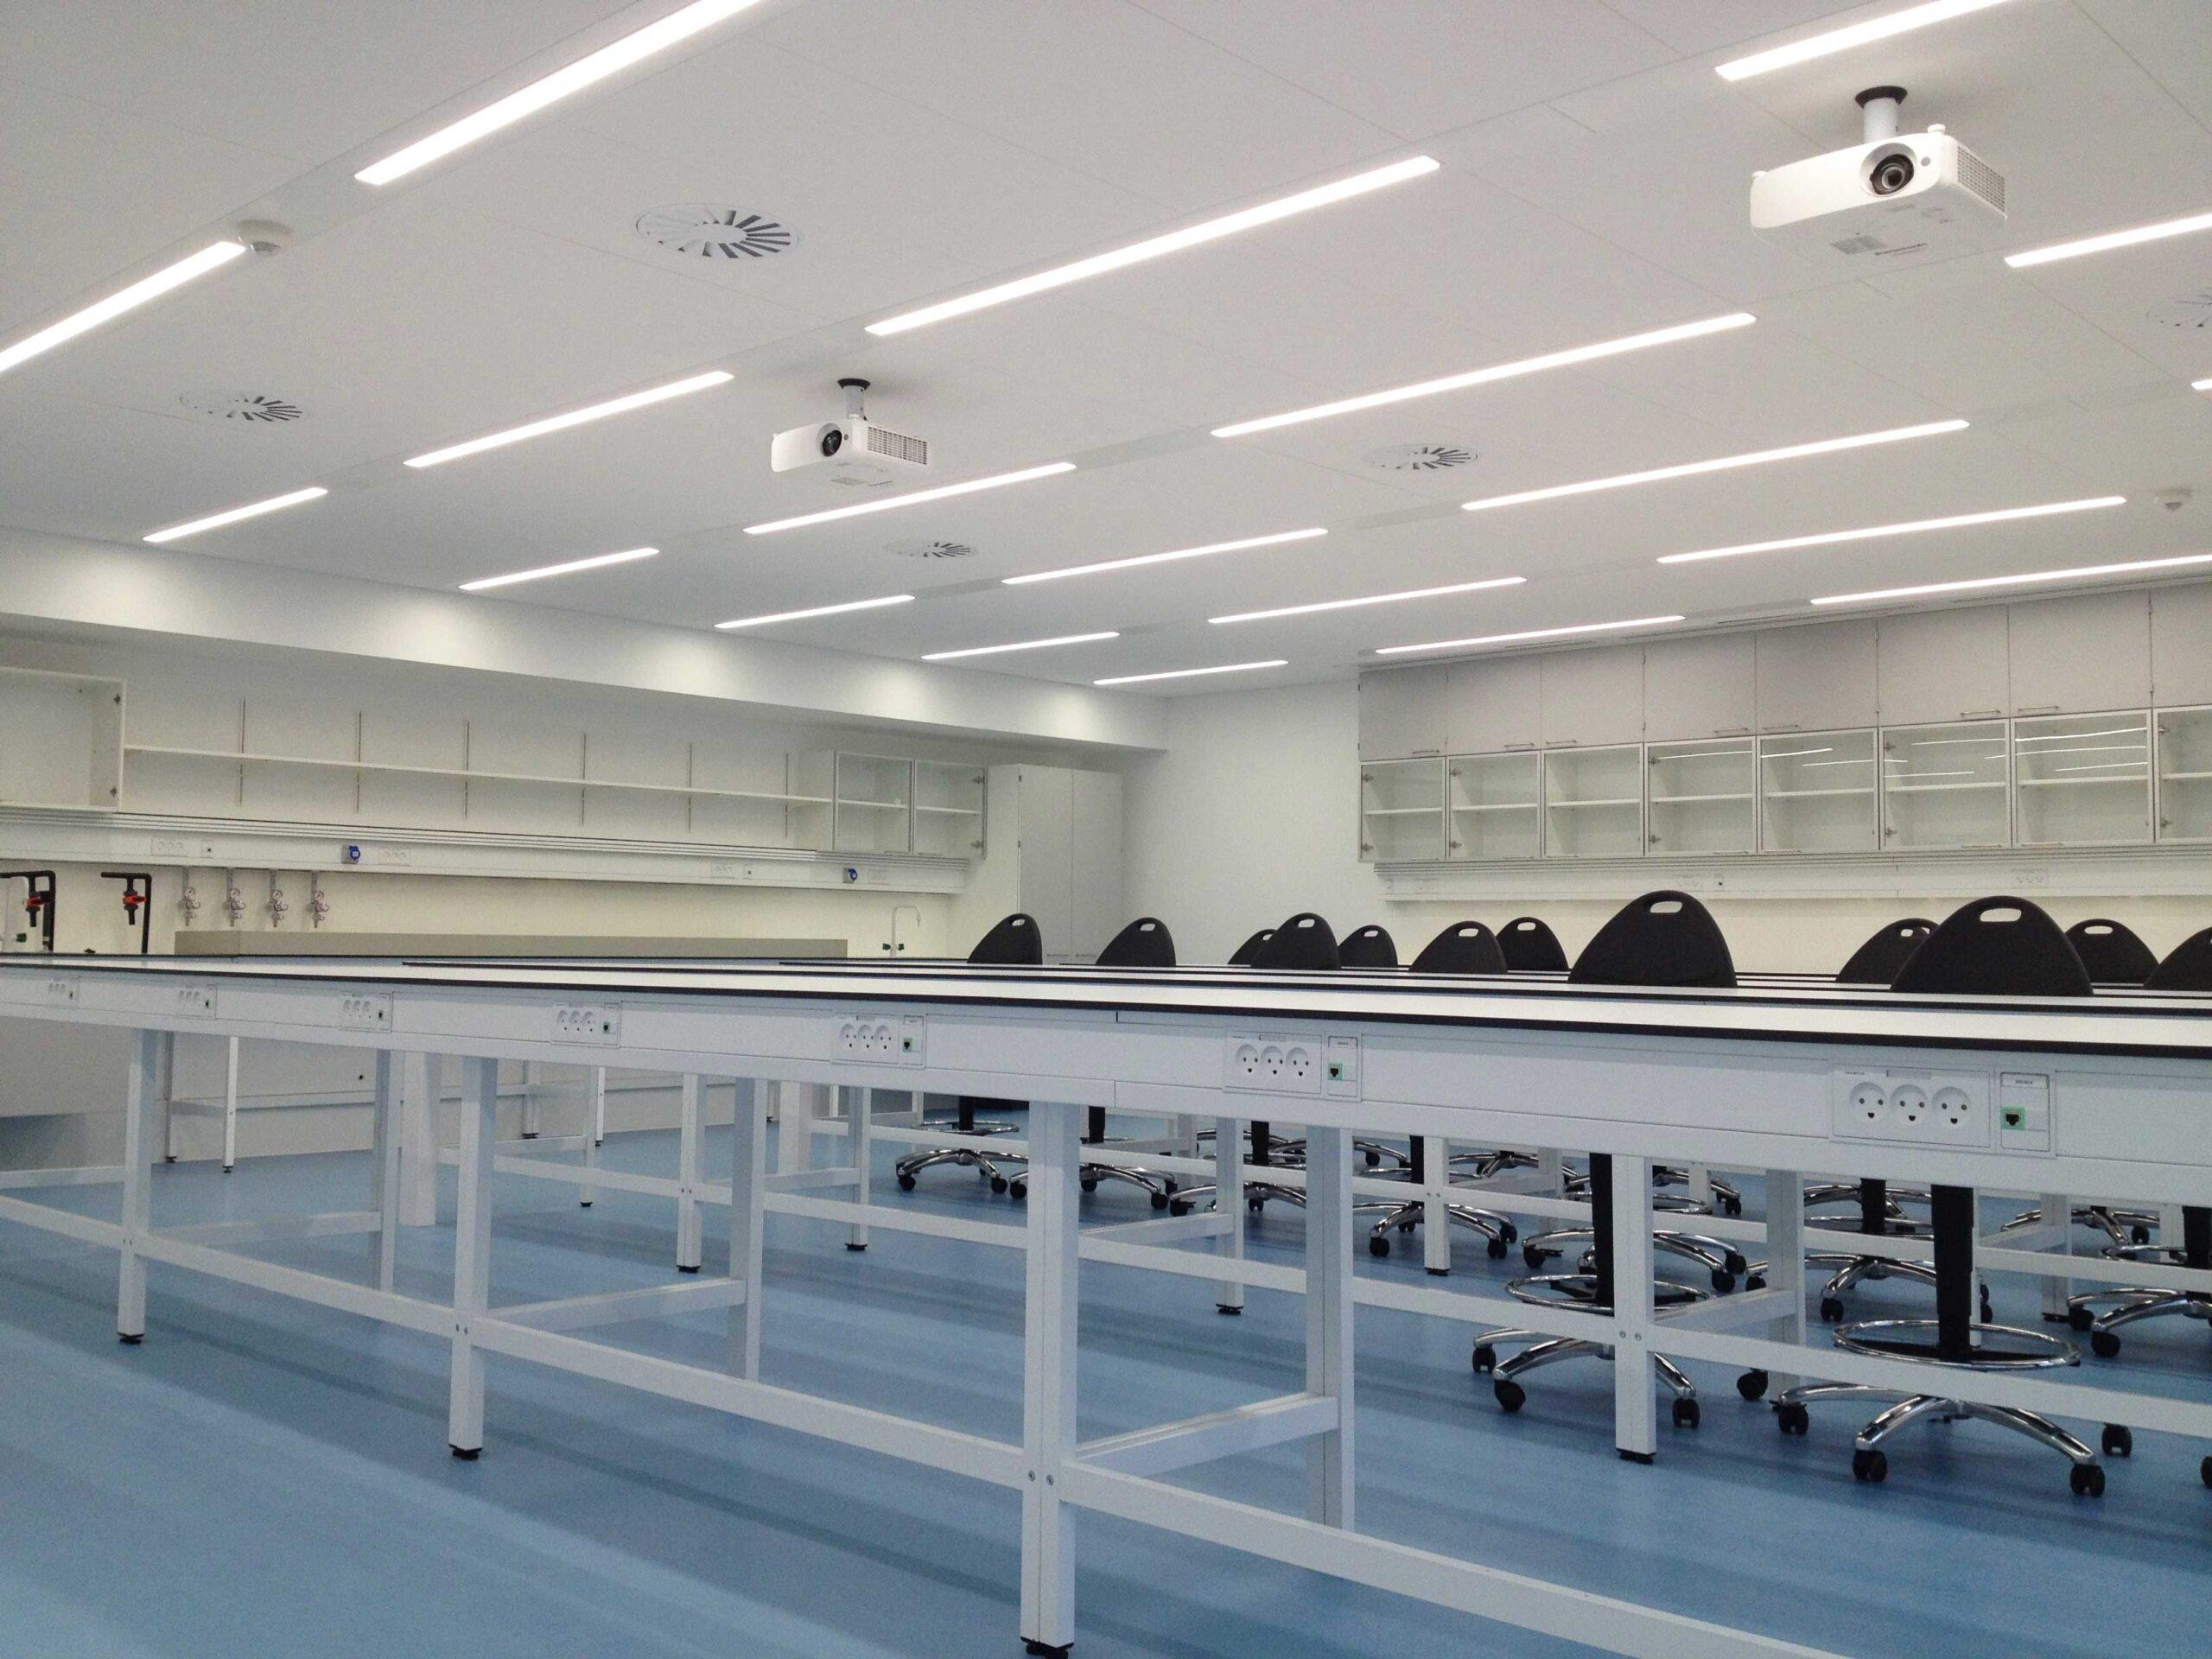 Matric 55mm F3 smal og aflang lampe indbygget i loft med ramme, monteret i undervisningslokale - Luminex